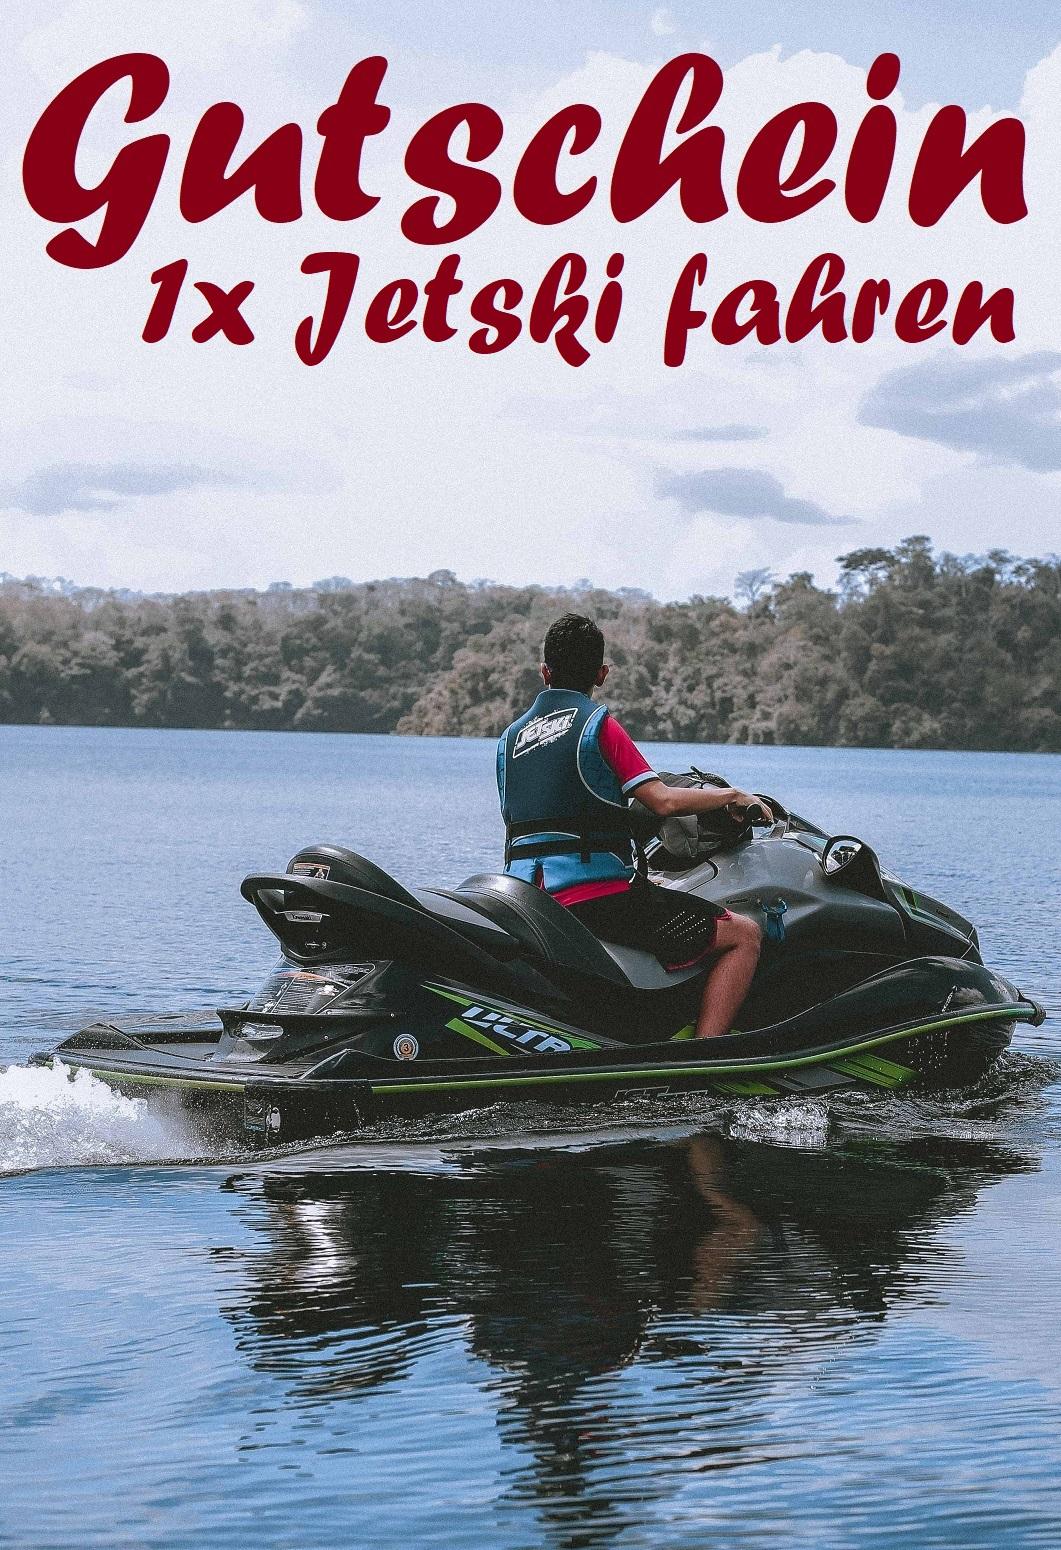 Gutscheinvorlage fürs Jetski fahren